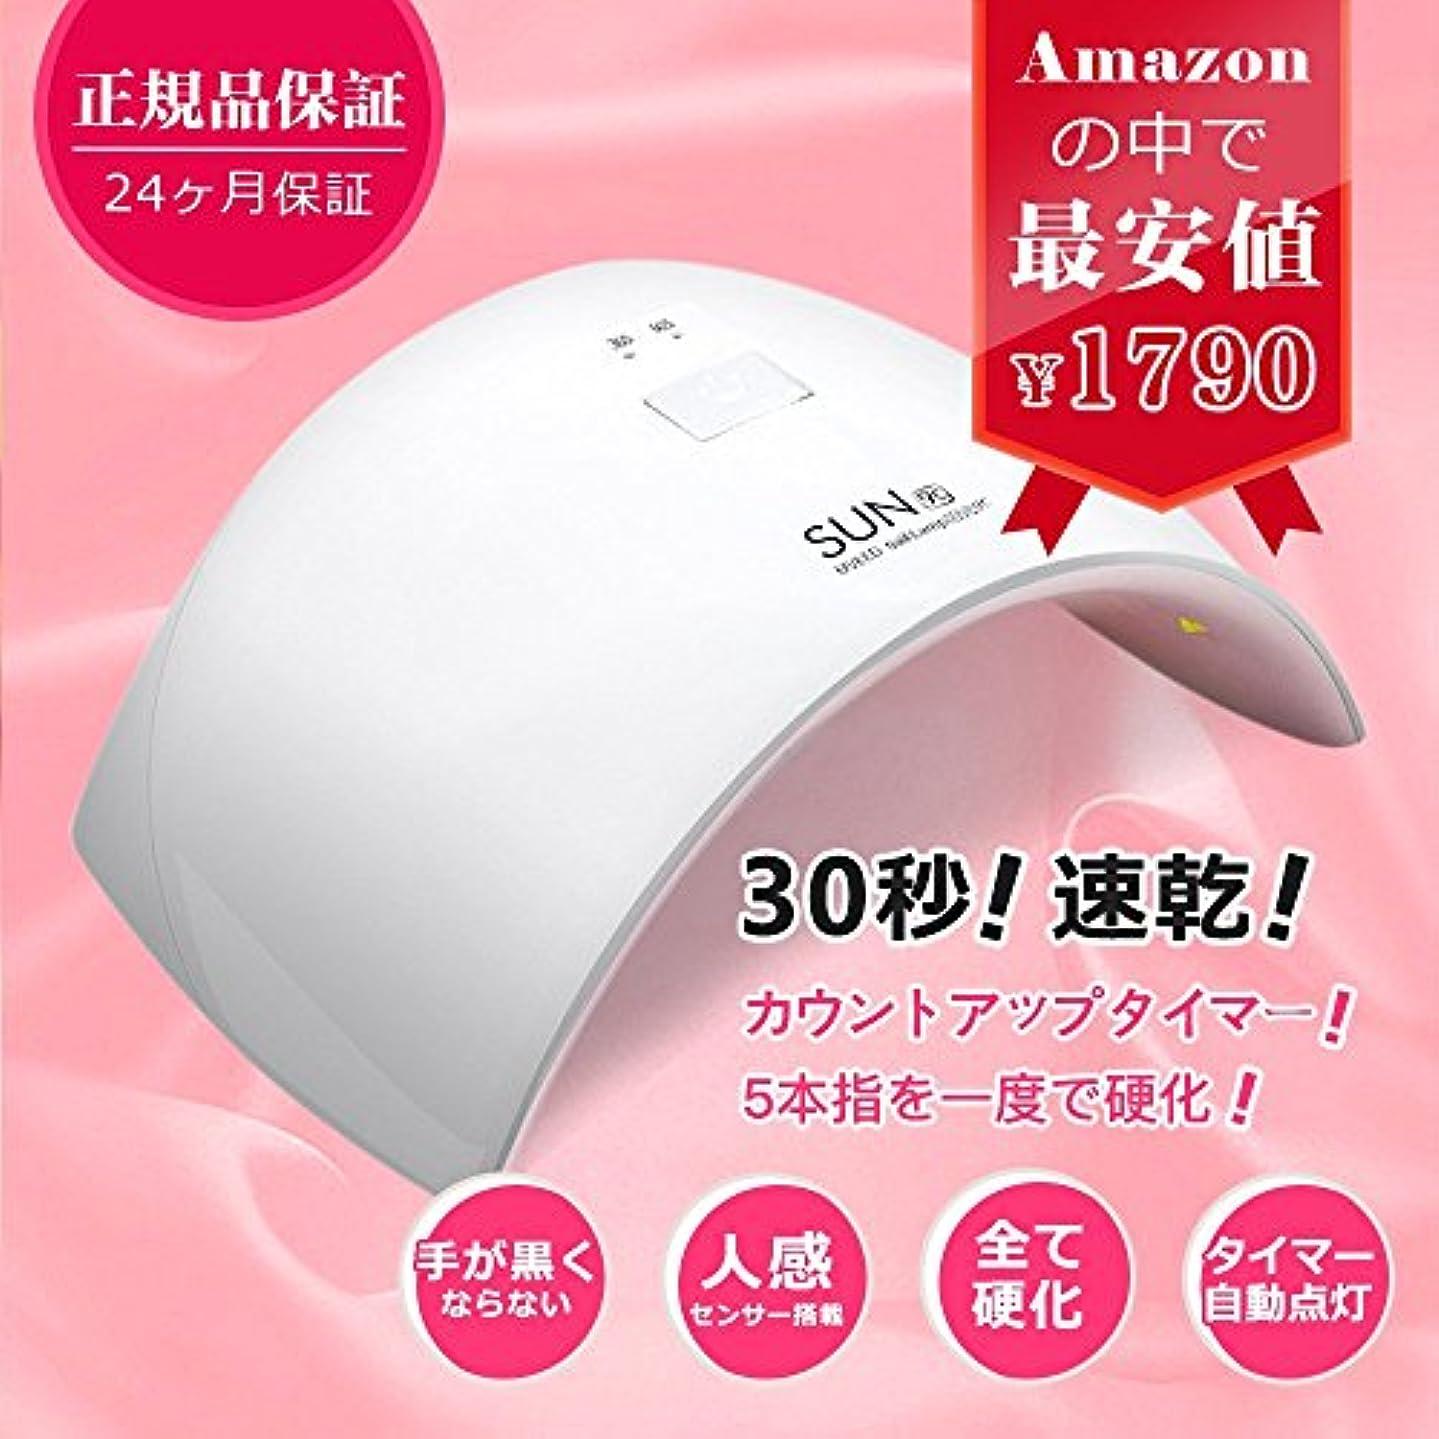 谷ポーズ青Morovan 24W 型号9C/9S LED+UVネイル光線療法 UVライト ネイルドライヤー ホワイト/ピンク (SUN 9C)【24ヶ月保証付き】